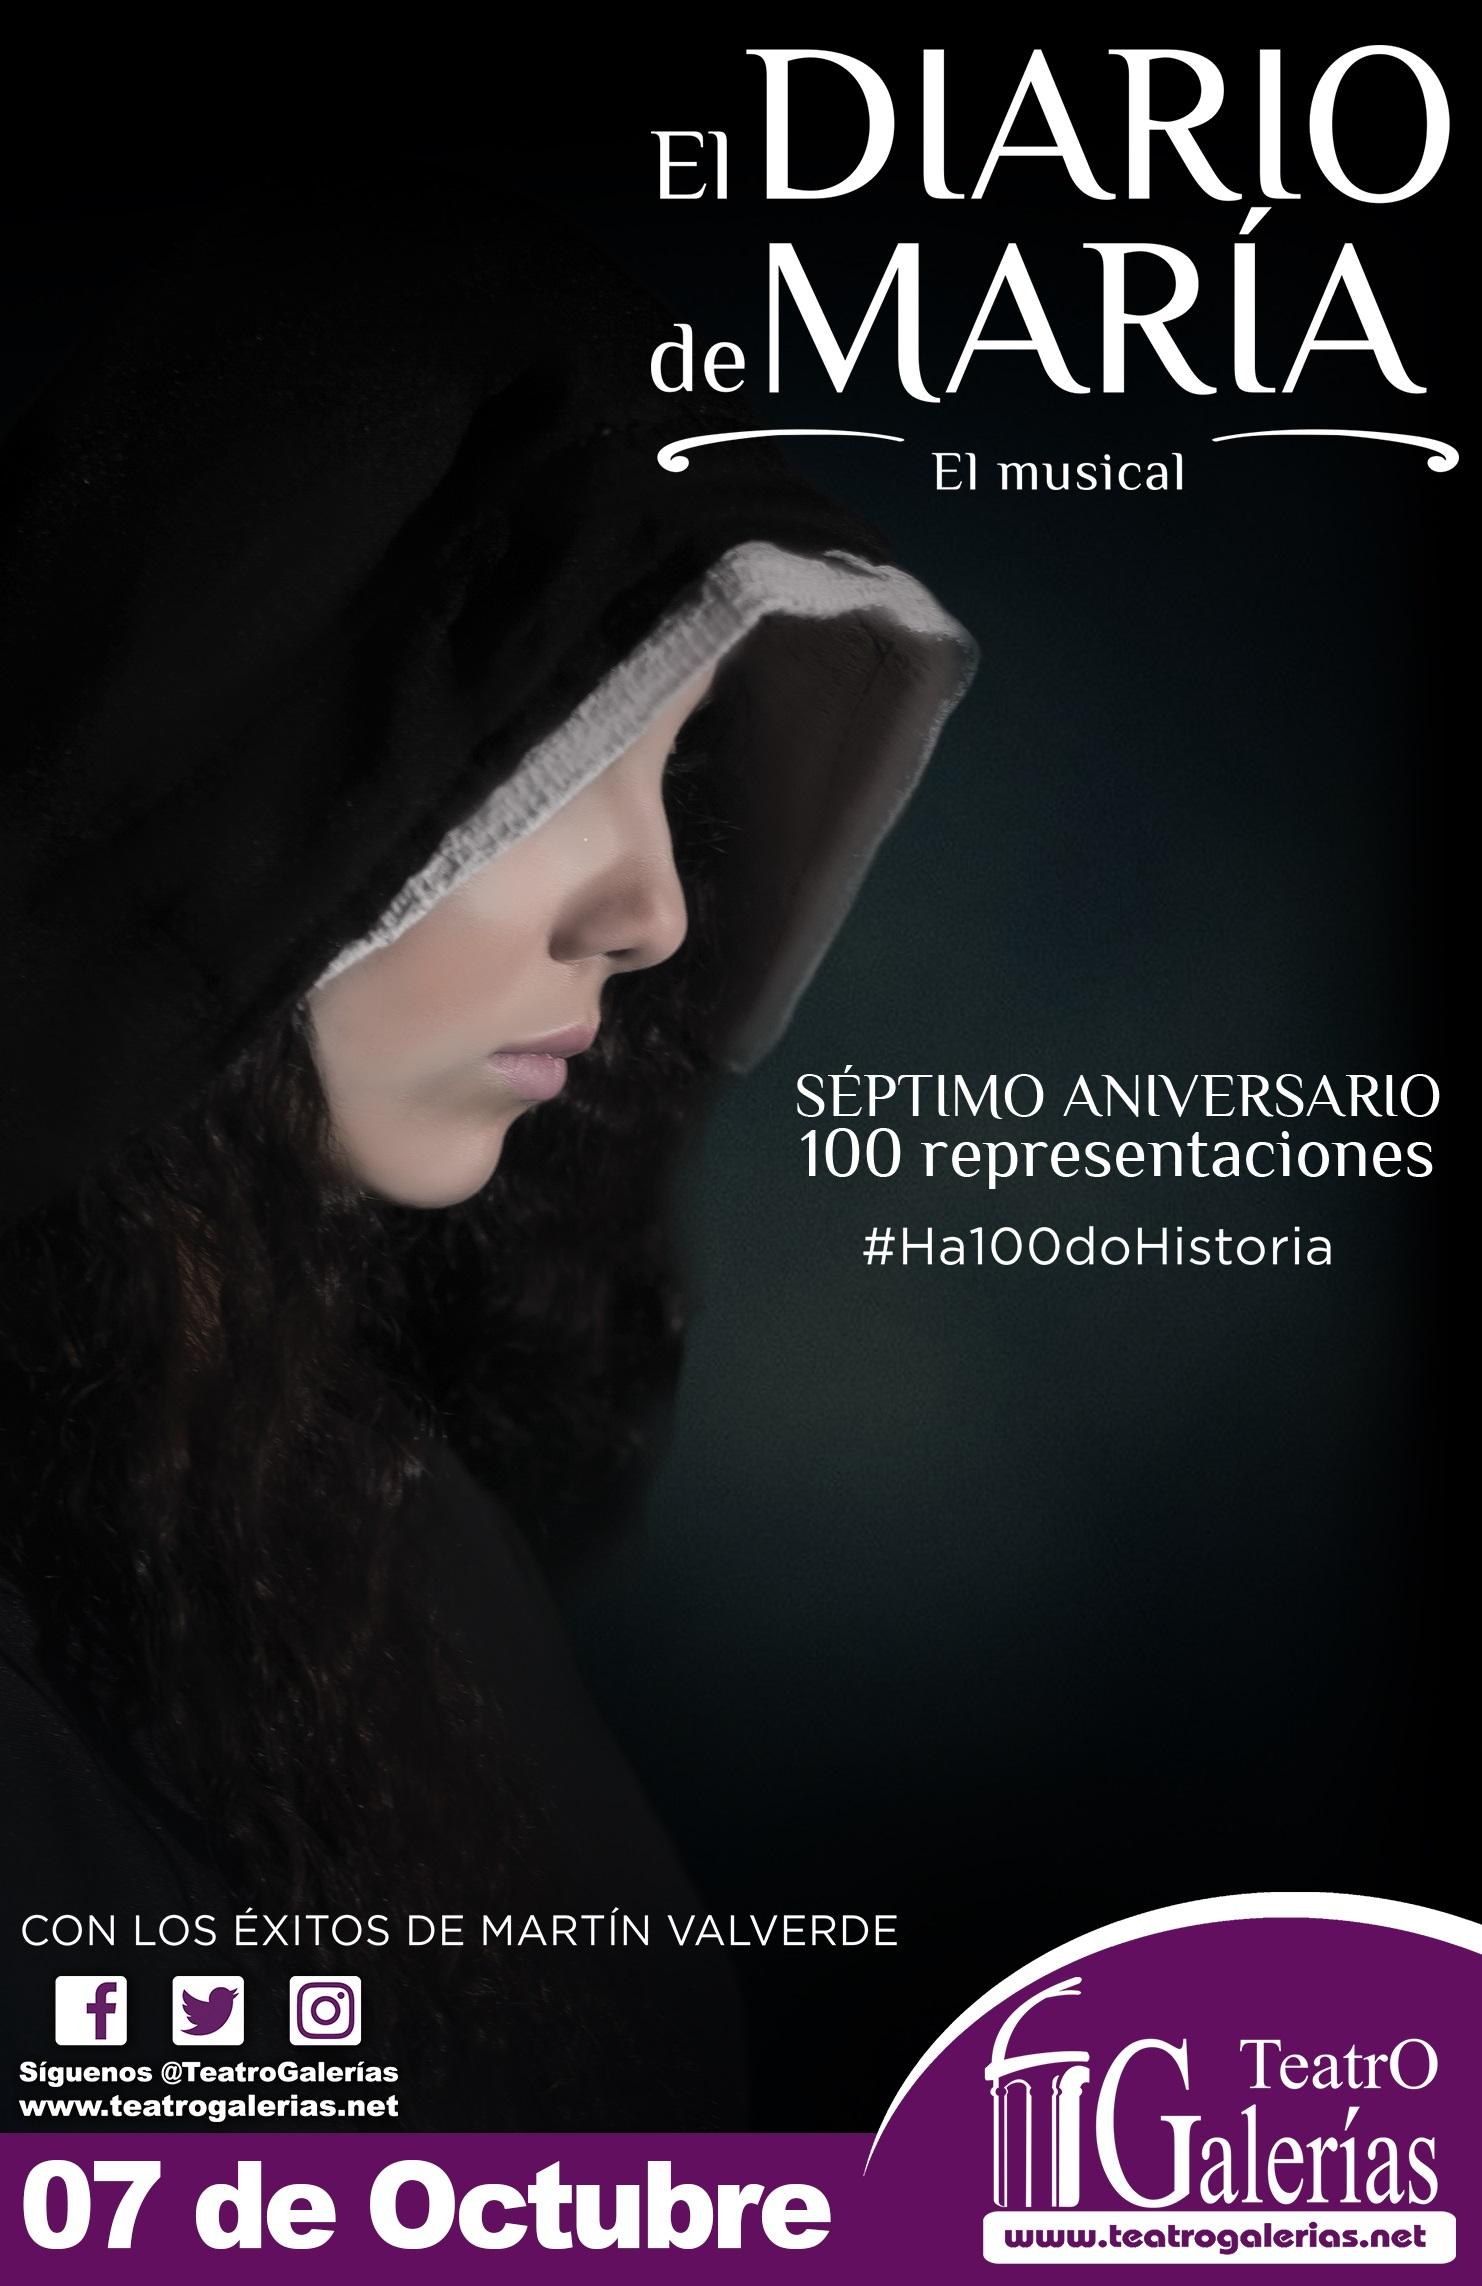 El Diario de Maria / Teatro Galerías